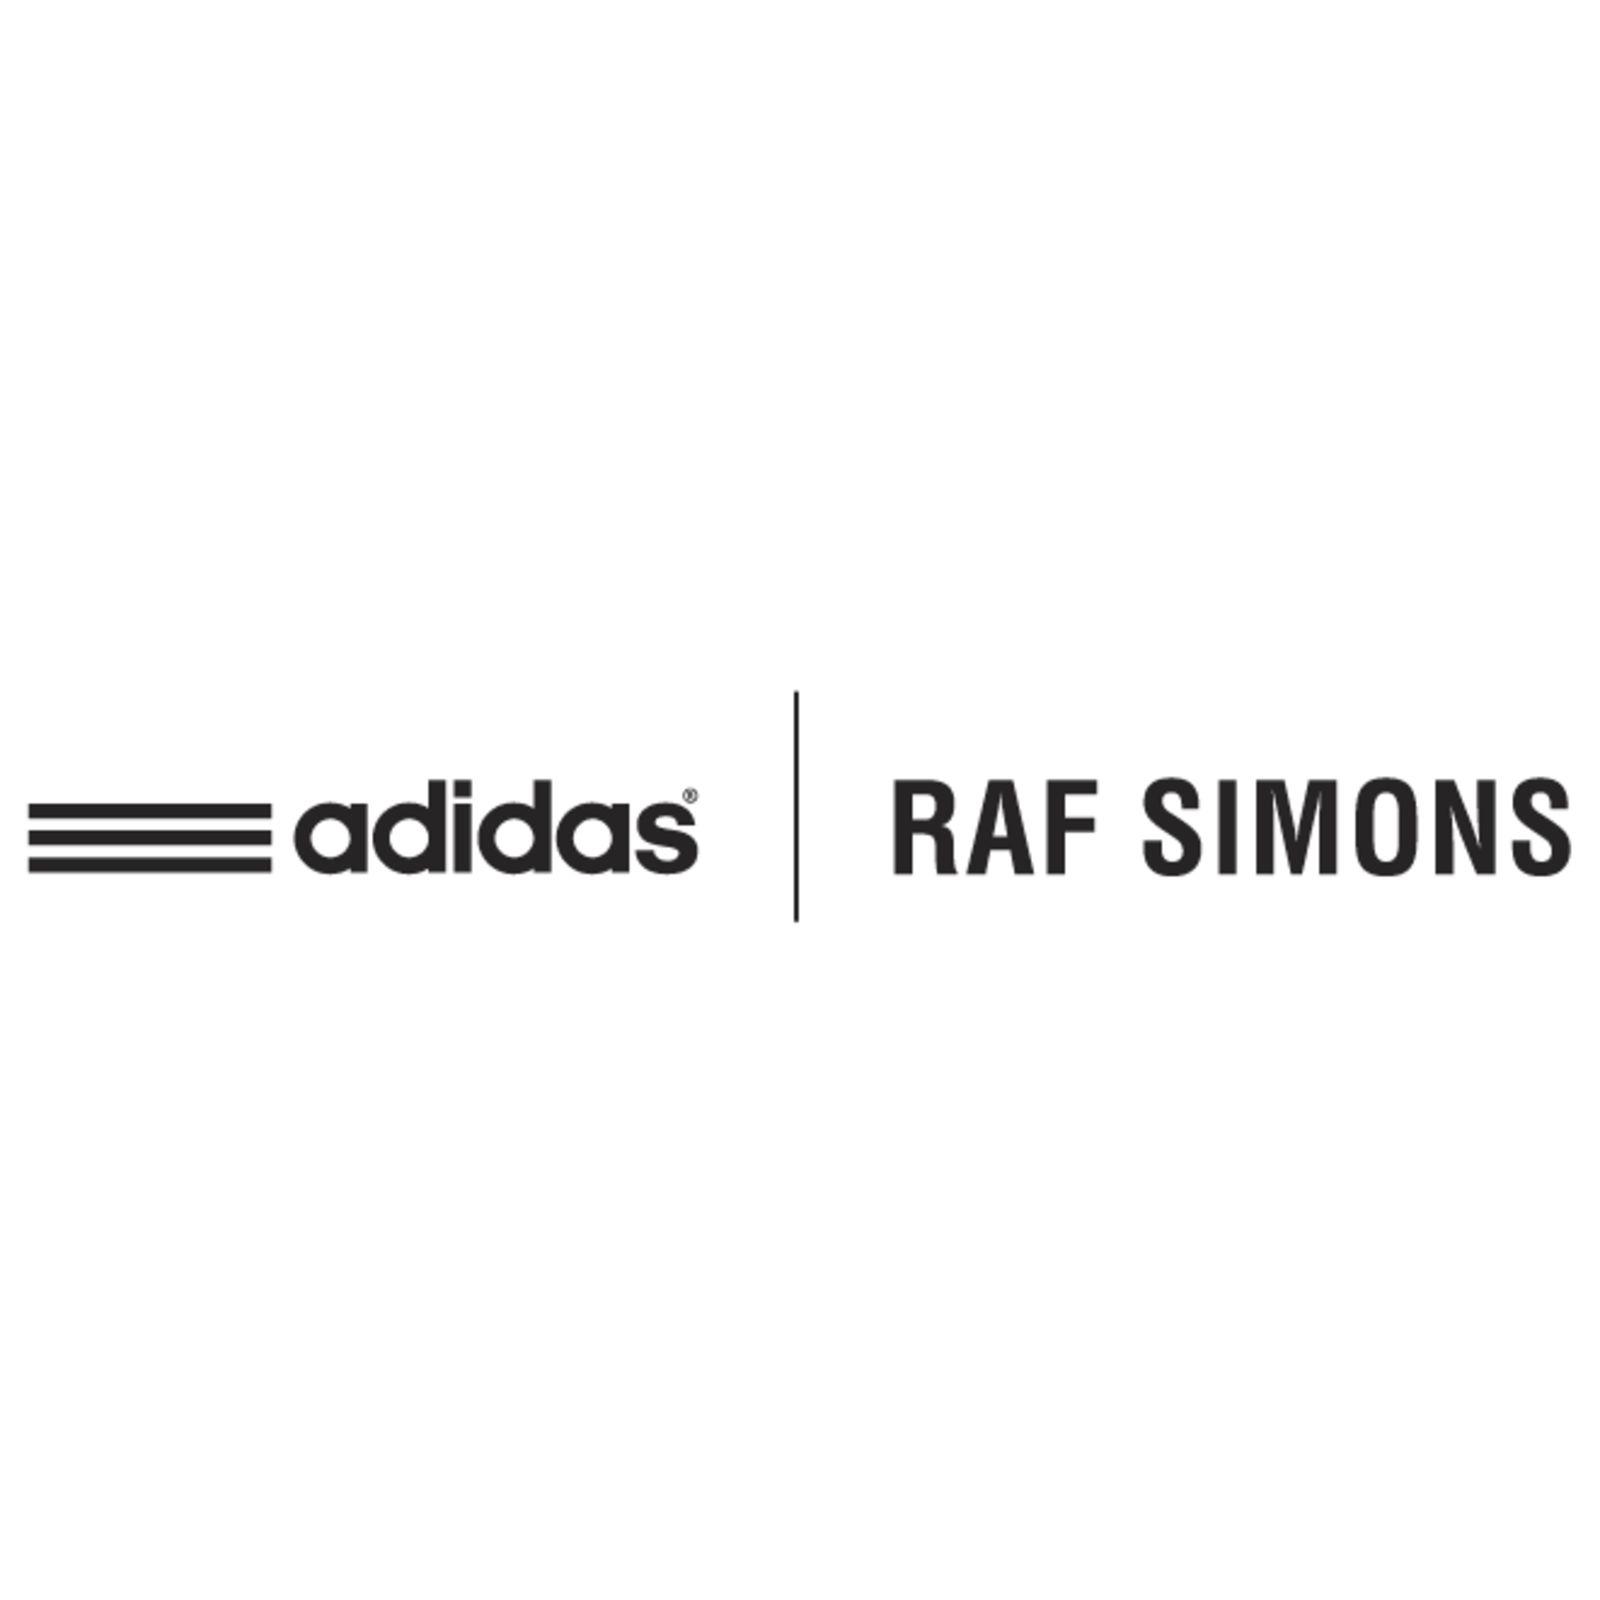 adidas x RAF SIMONS (Изображение 1)